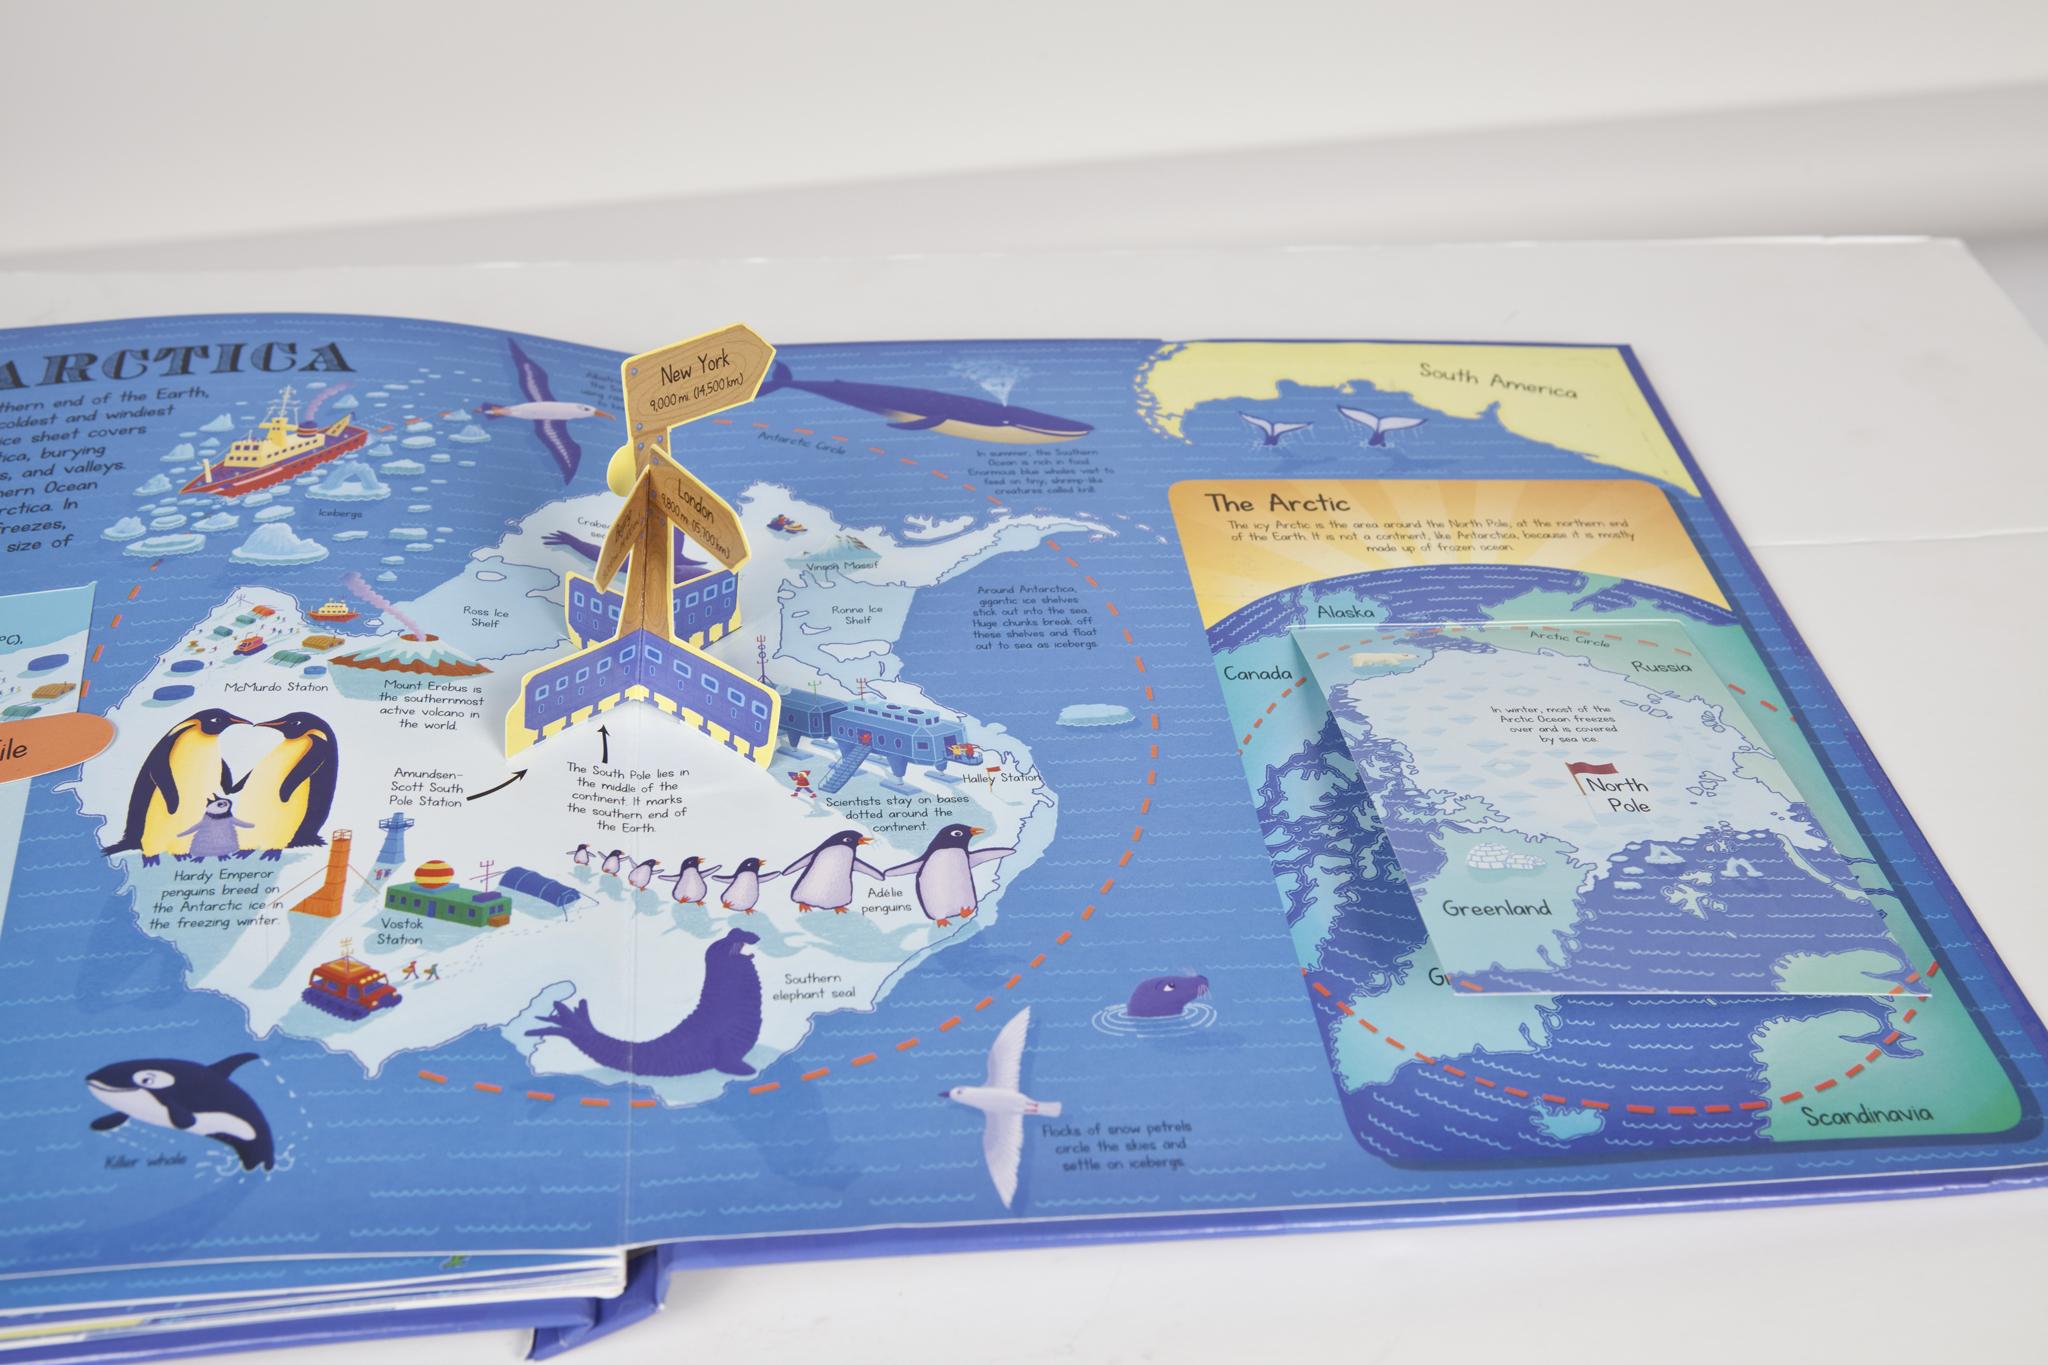 holidaypopupbooks22.jpg